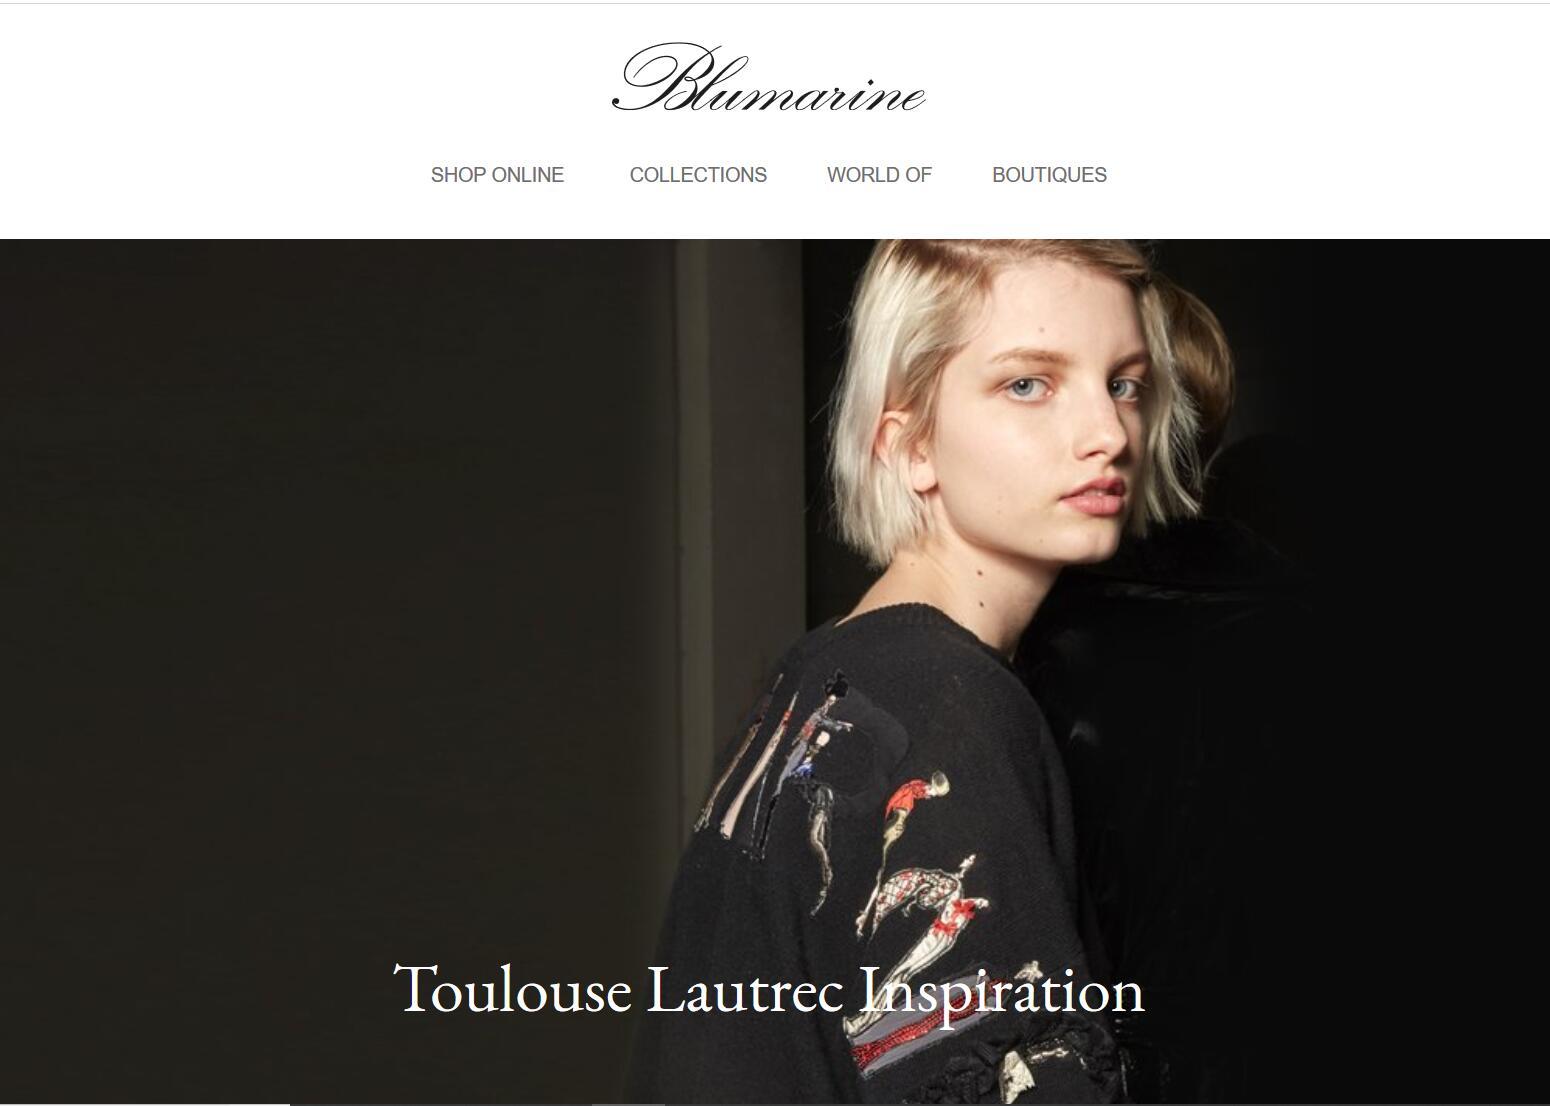 意大利时尚品牌 Liu Jo 联合创始人收购奢侈品牌 Blumarine 的母公司